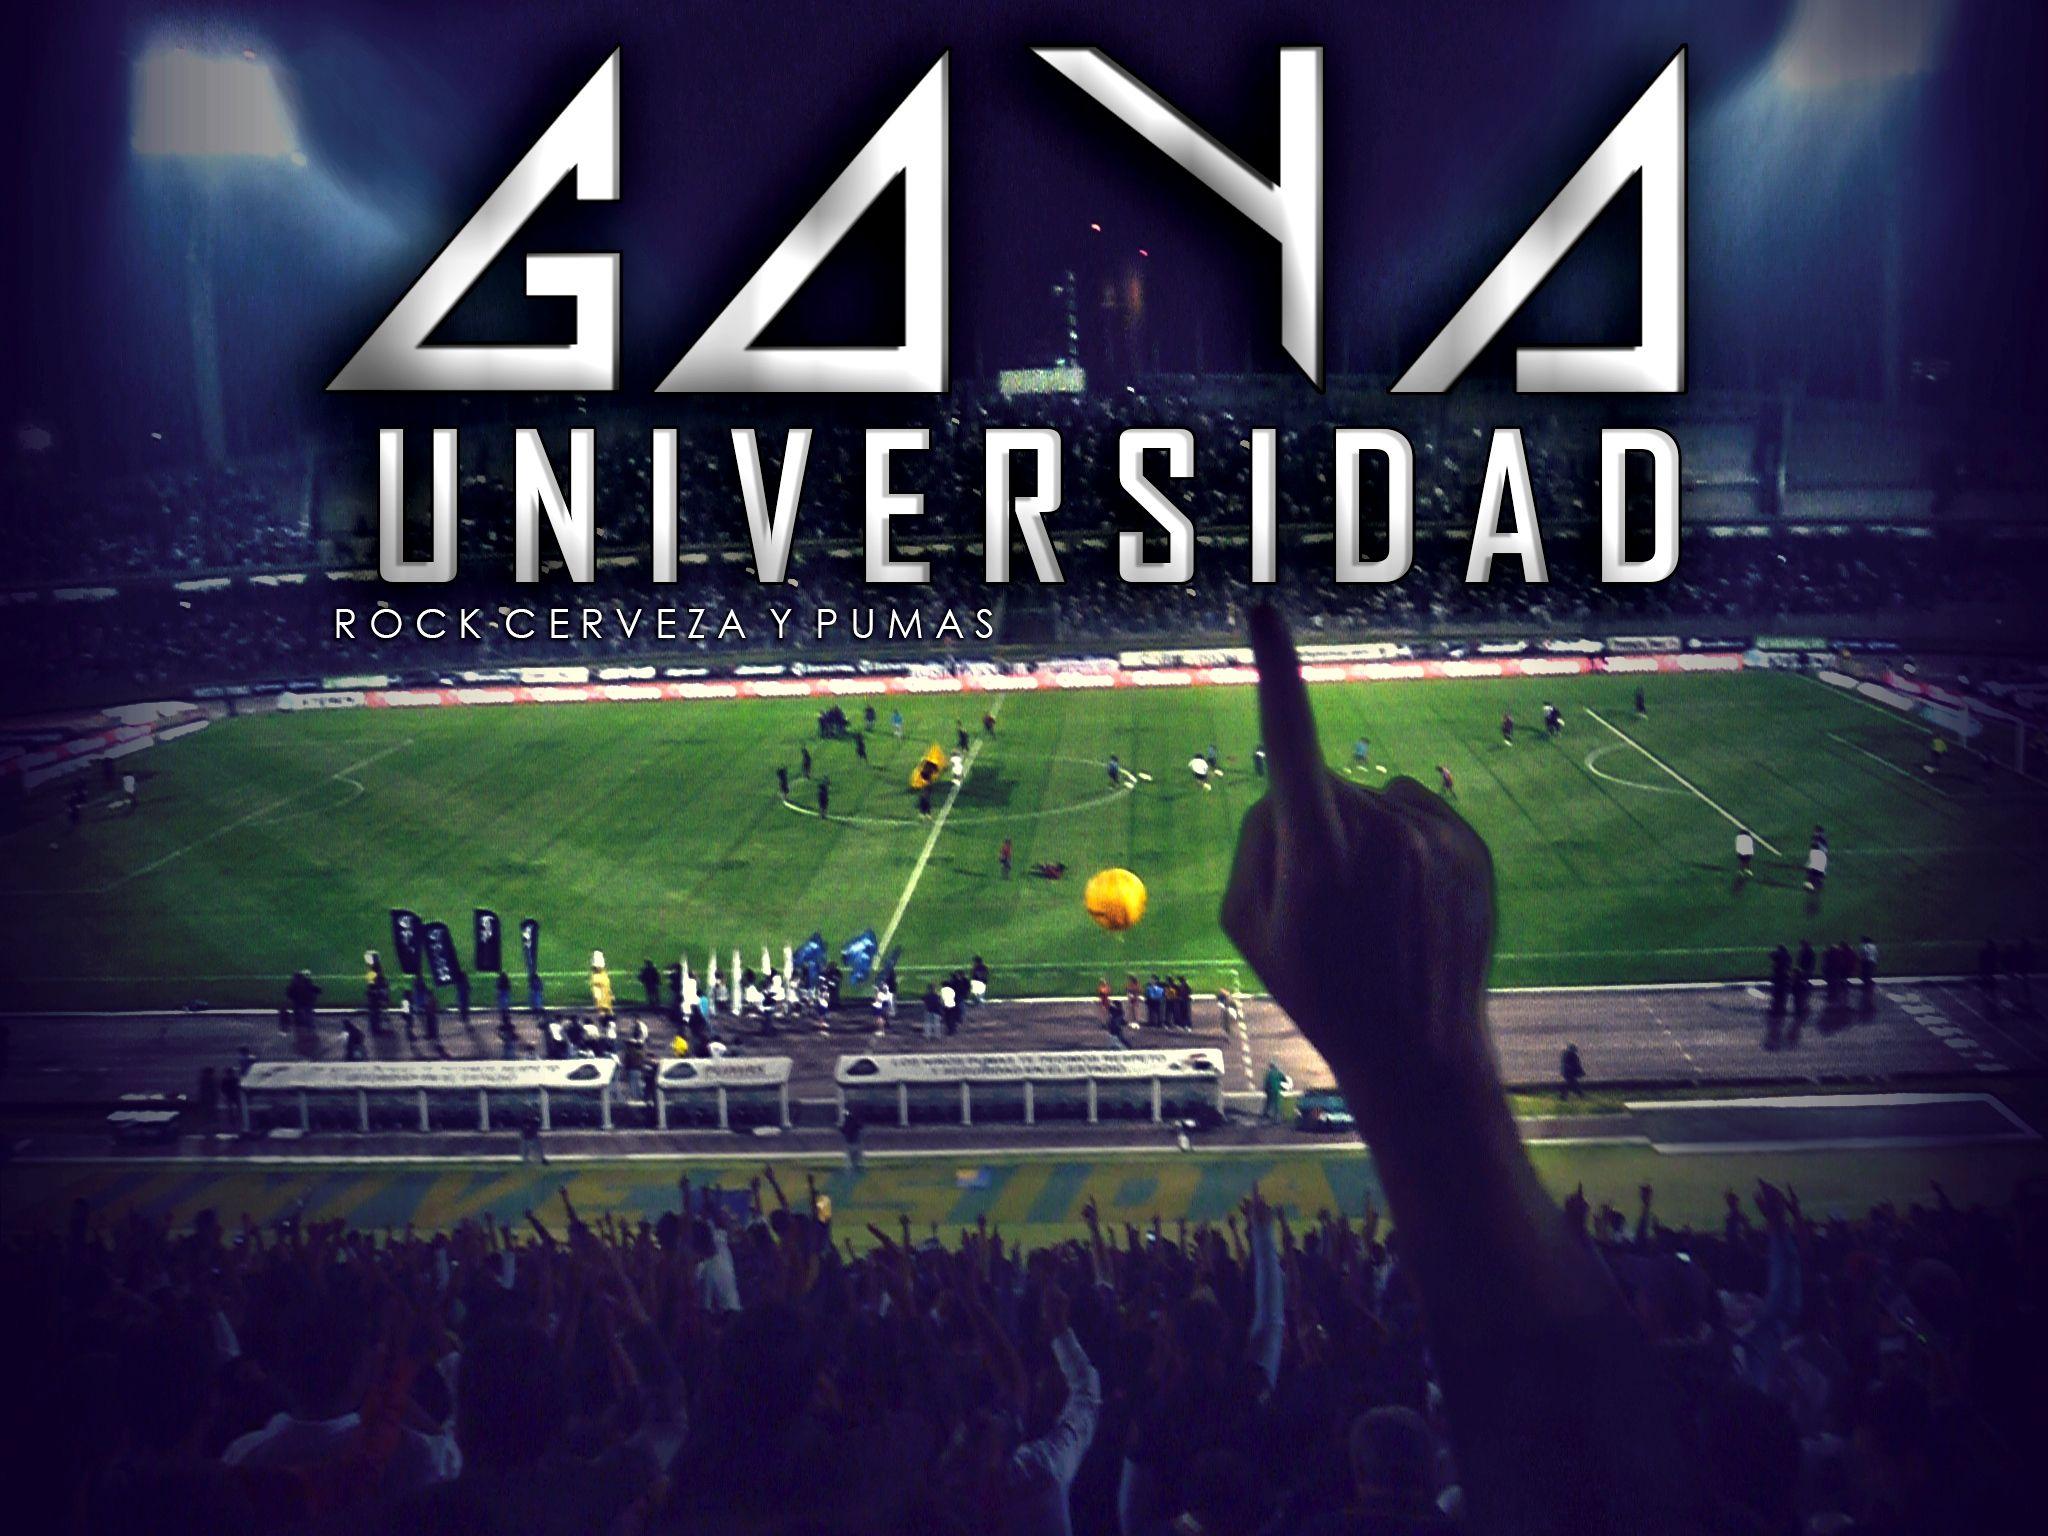 fa42c62e6027 México - Pumas - Universidad